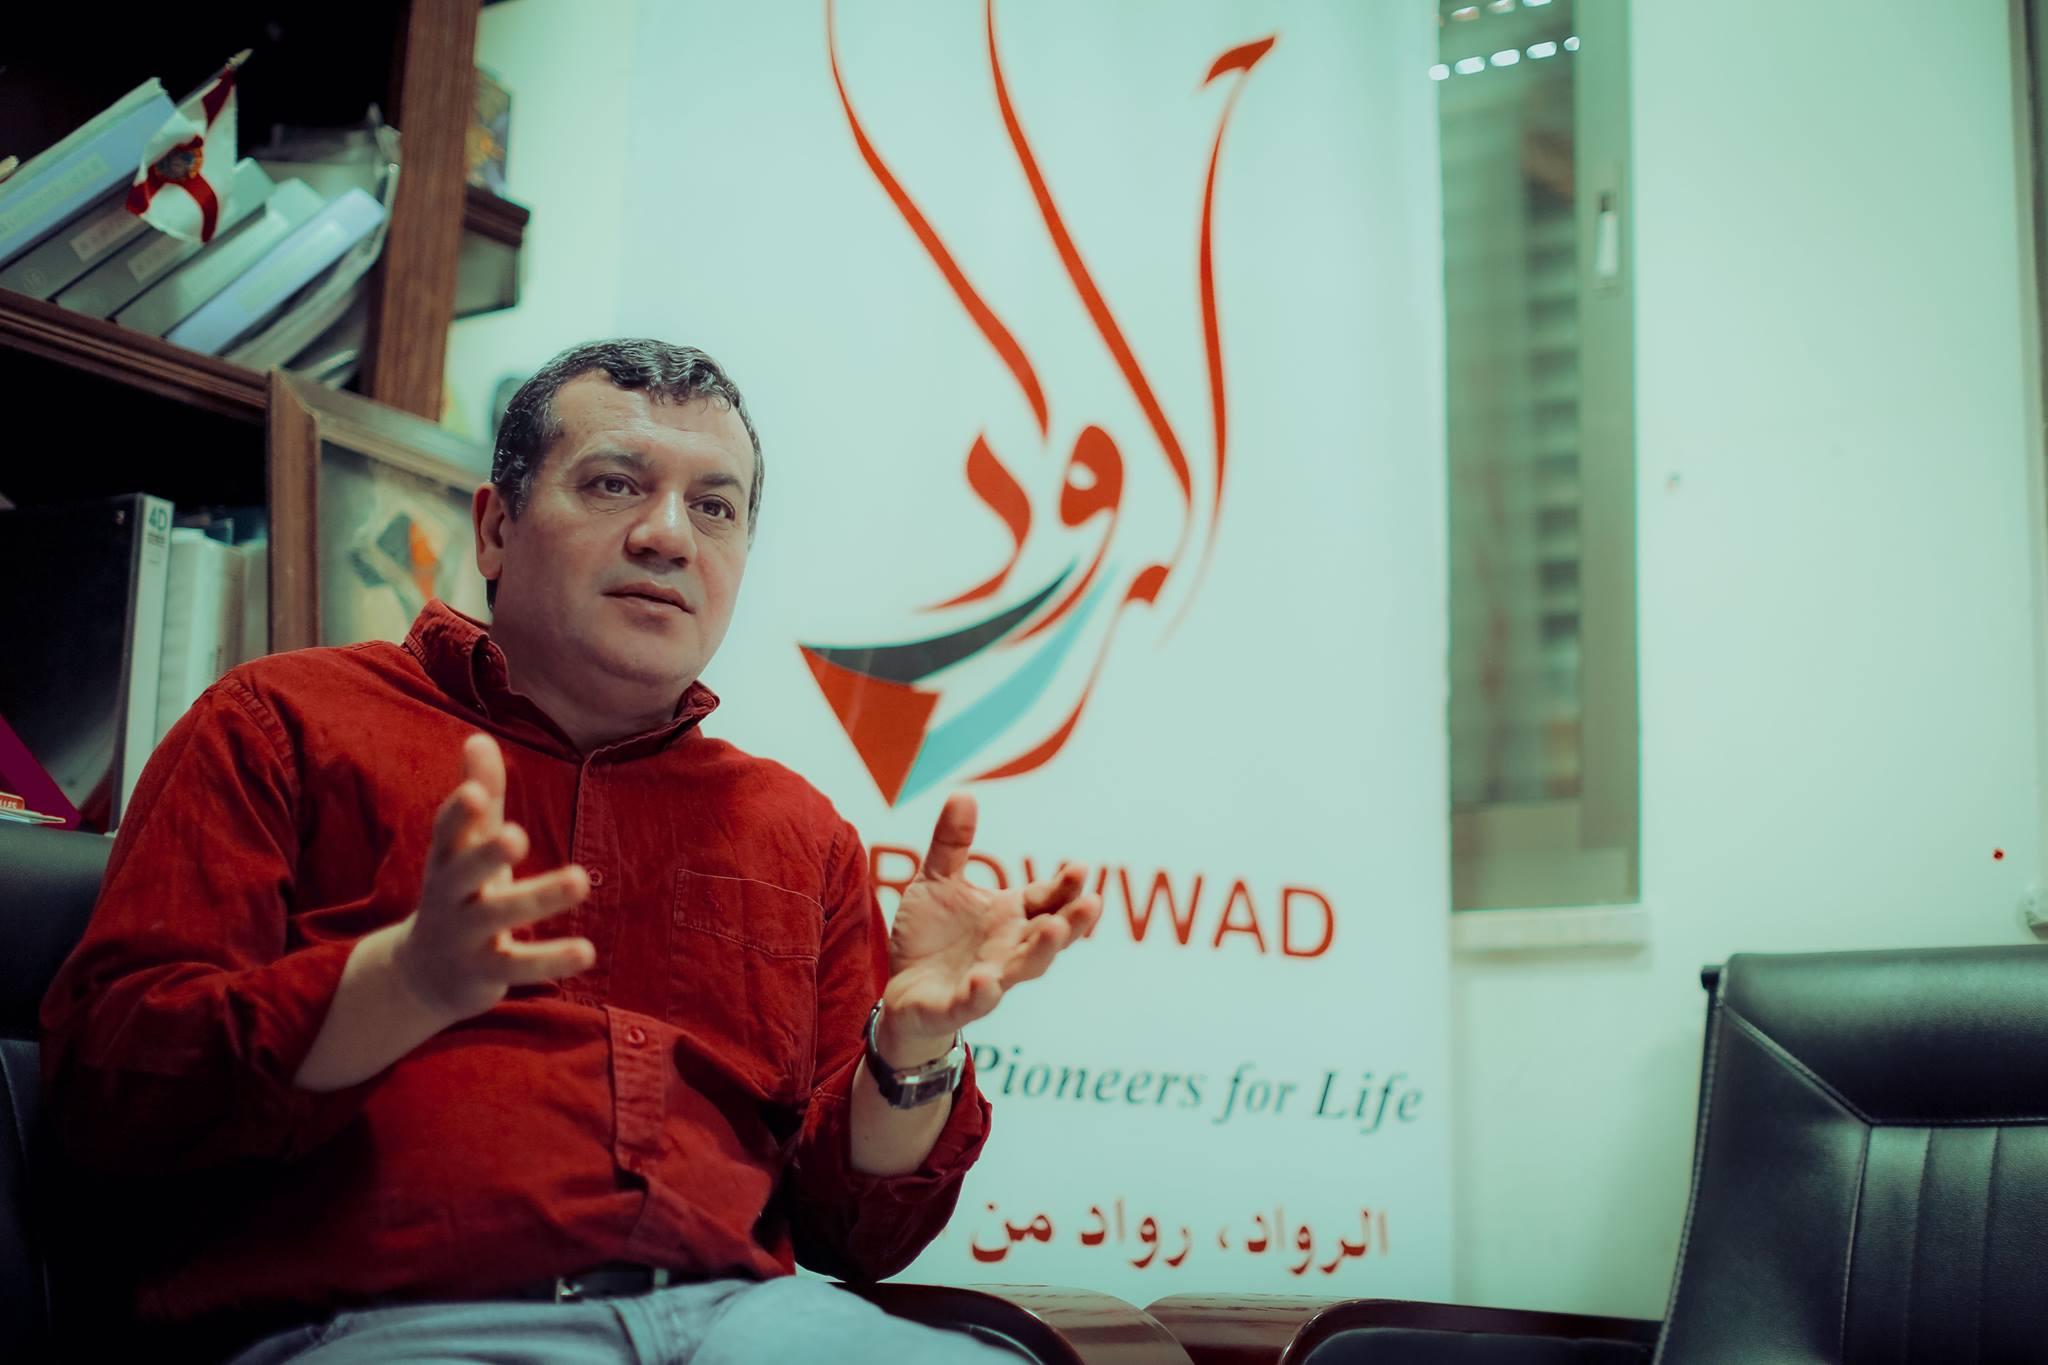 د. عبد الفتاح ابو سرور